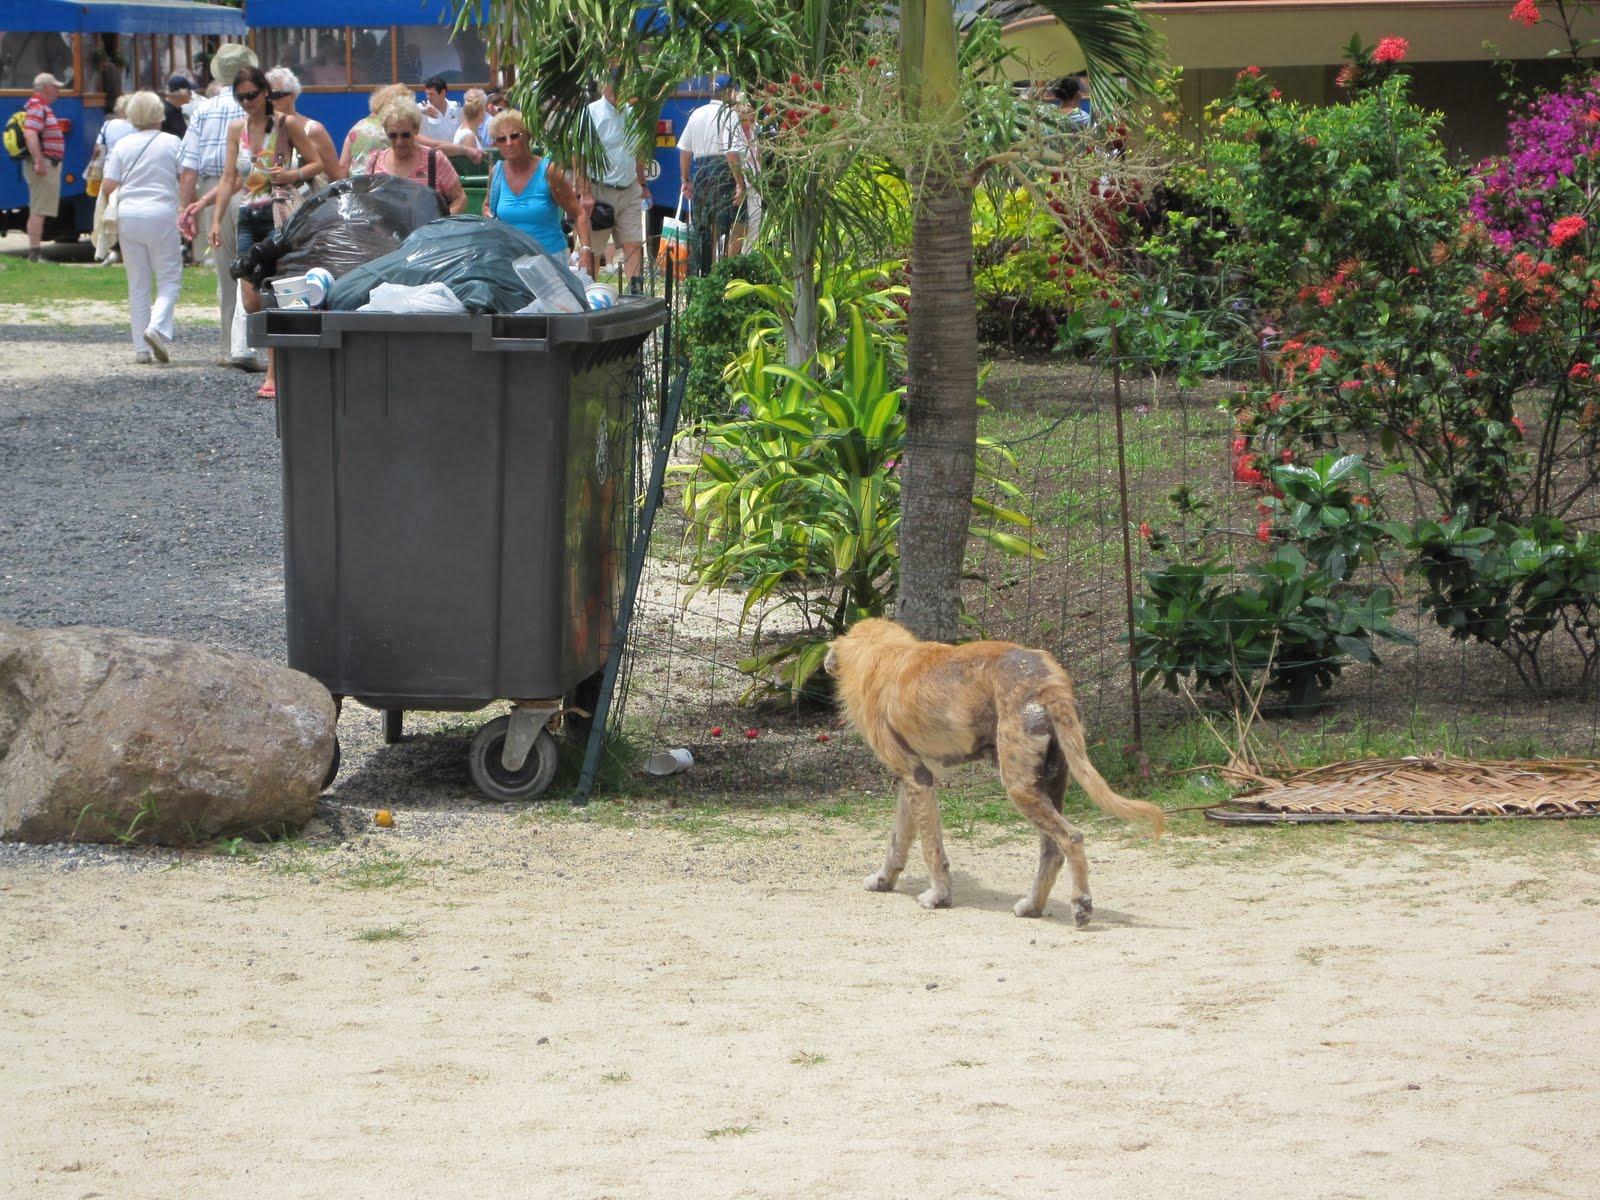 Les chiens errants sont une vision commune à Bora Bora. Ici une photo prise sur le blog du bateau de croisière The Star Princess